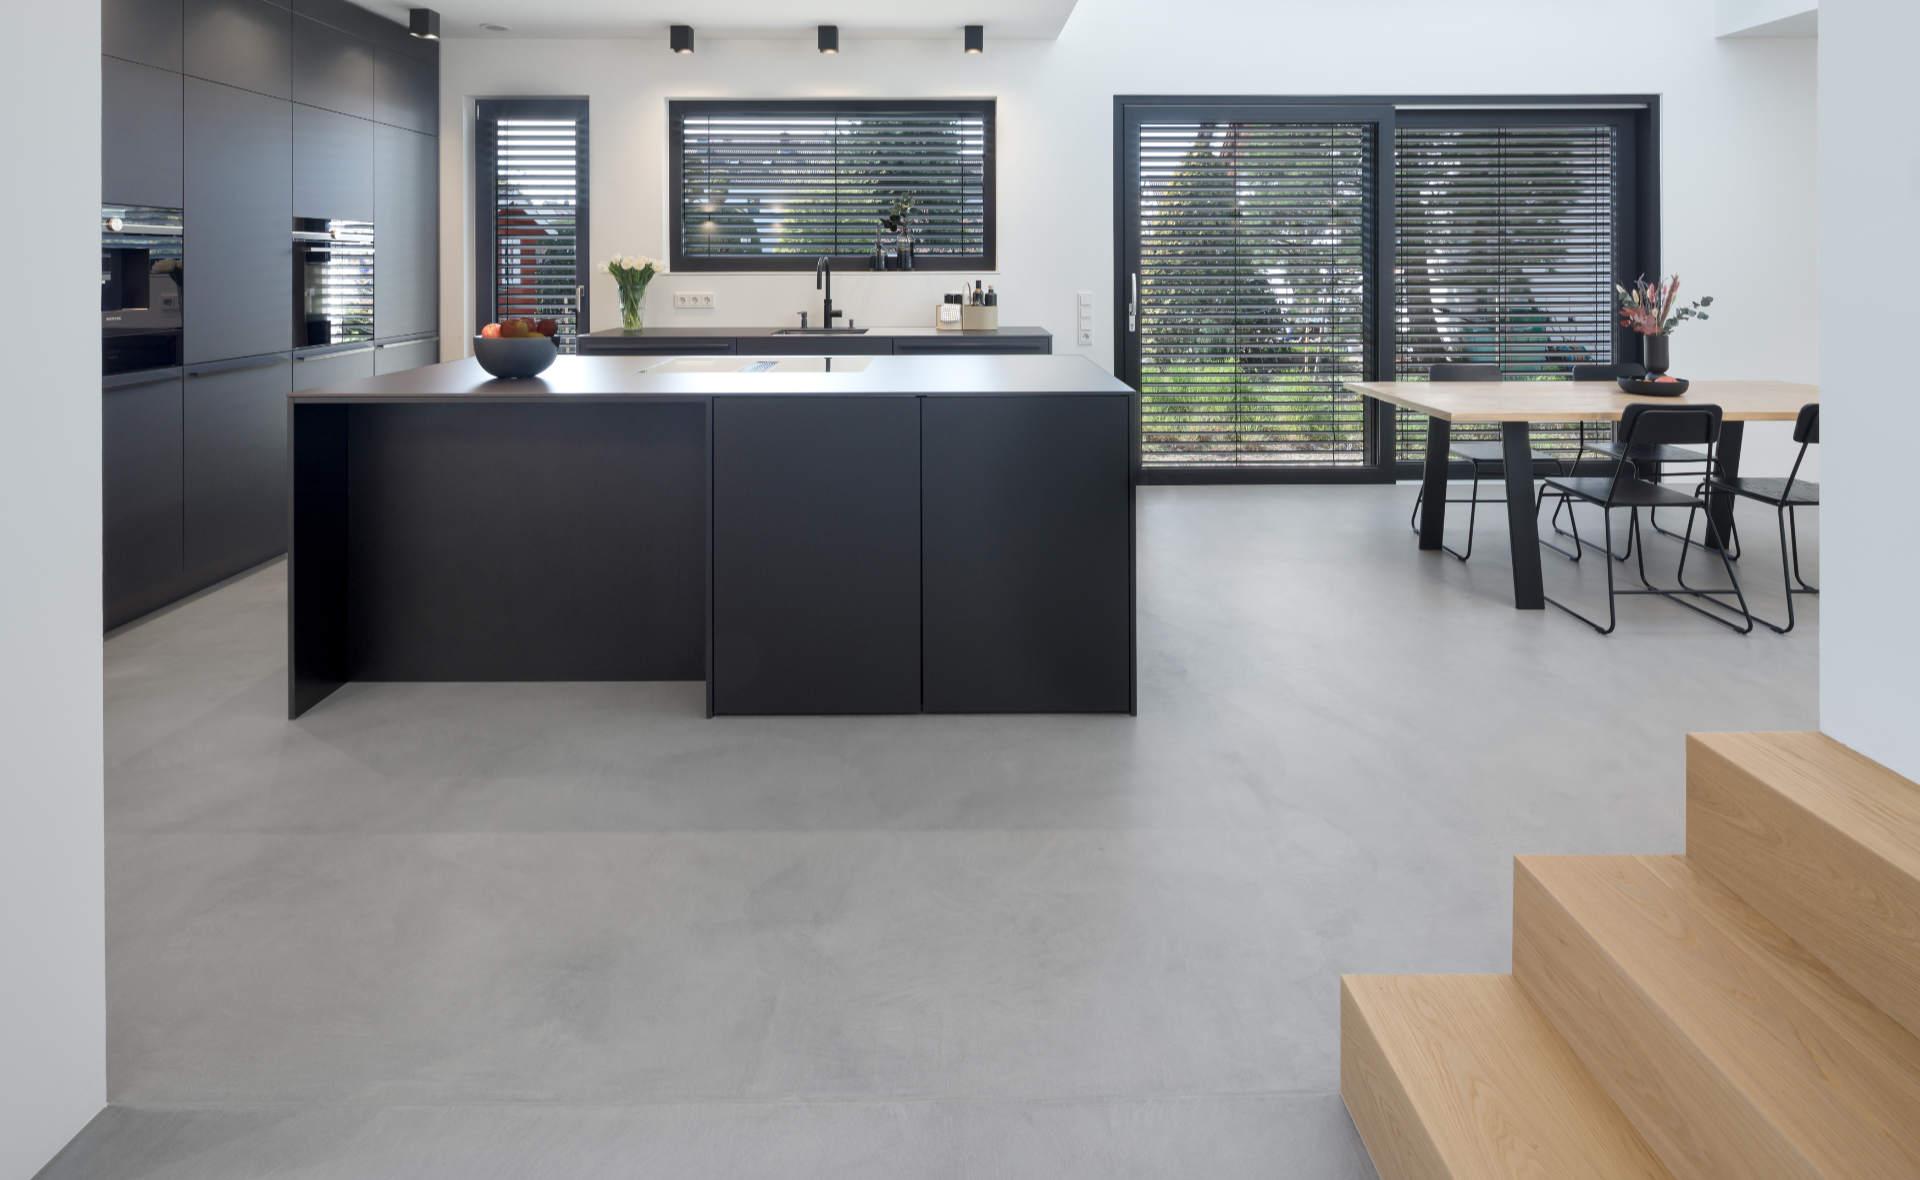 zeitgenössischer Designfussboden betonoptik